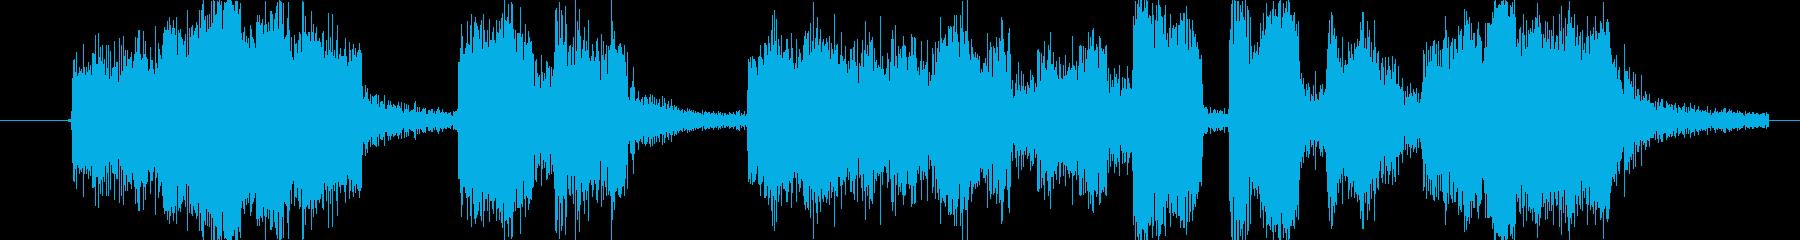 コミカルな場面転換やアイキャッチ向きの再生済みの波形